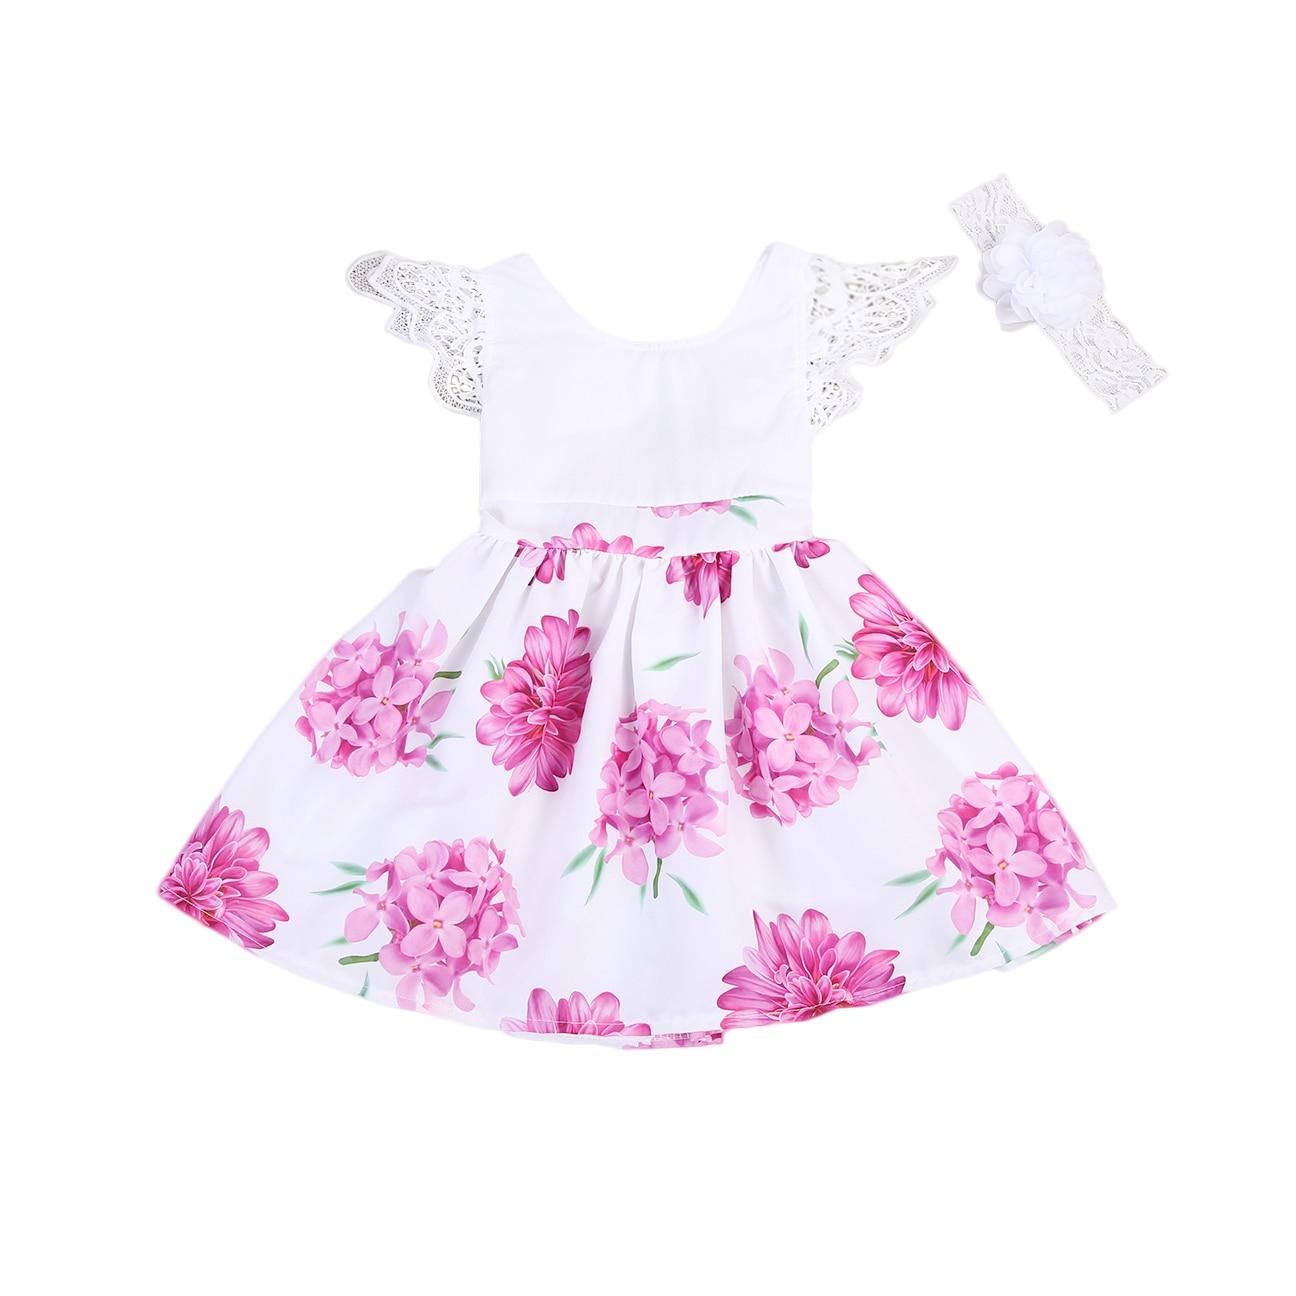 Kinder Baby Mädchen Kleid Prinzessin Party Pageant Holiday Kleider ...